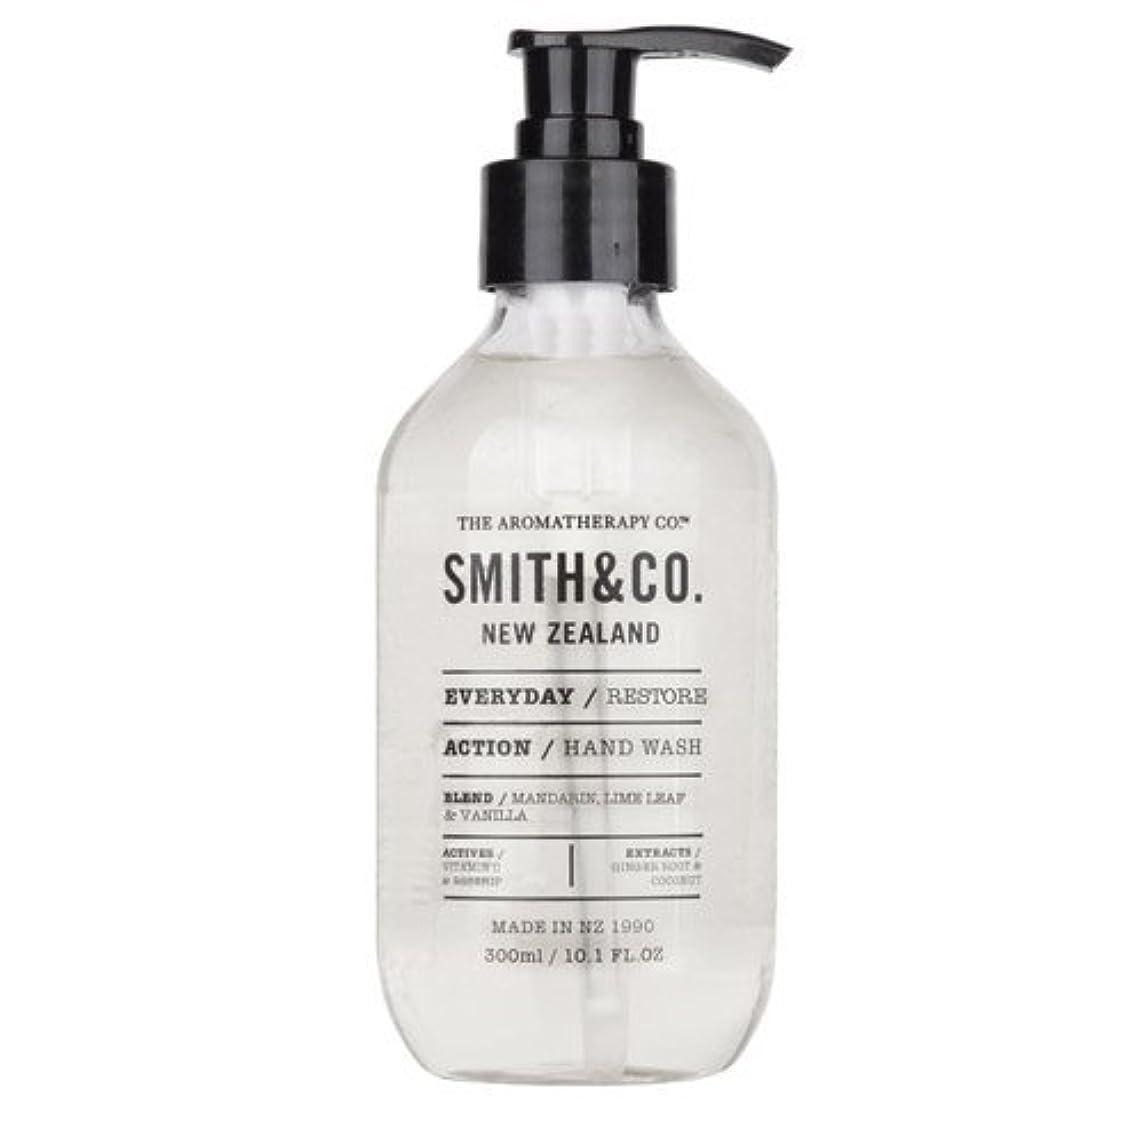 代表写真の散るSmith&Co. スミスアンドコー Hand&Body Wash ハンド&ボディウォッシュ Restore リストア